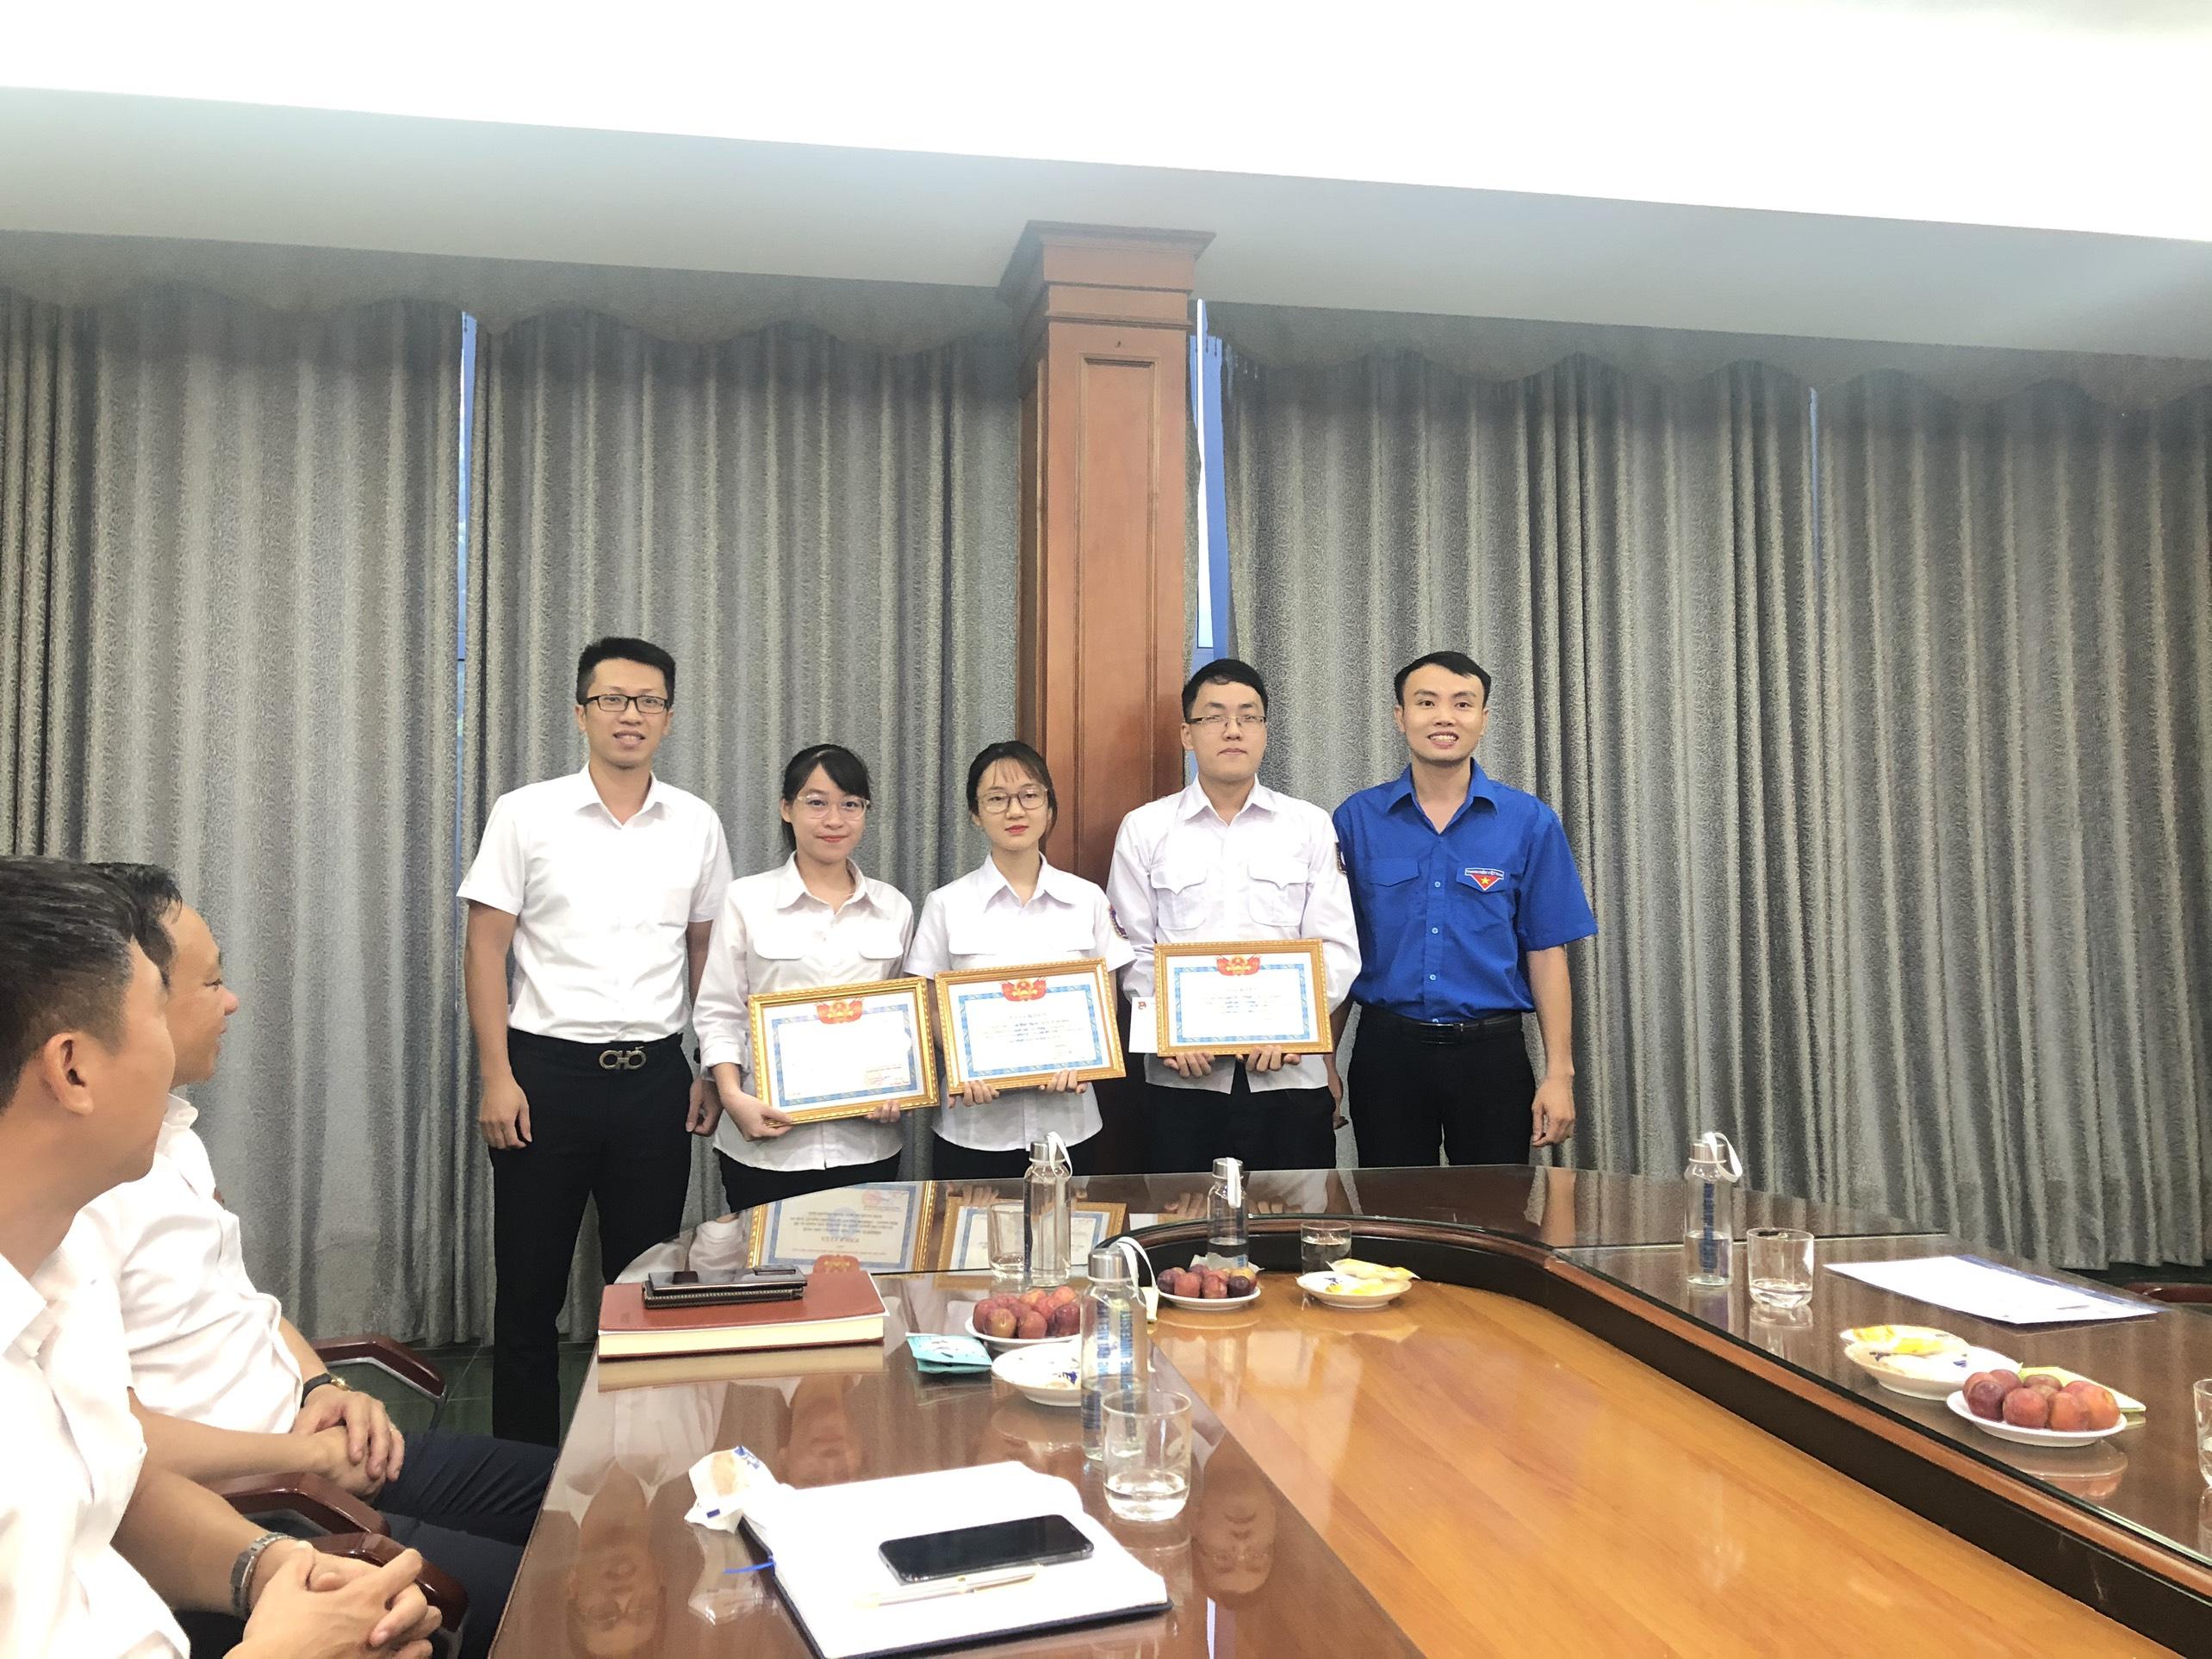 Khen thưởng sinh viên đạt giải cao tại Cuộc thi Vô địch Tin học văn phòng thế giới MOSWC - Viettel 2020